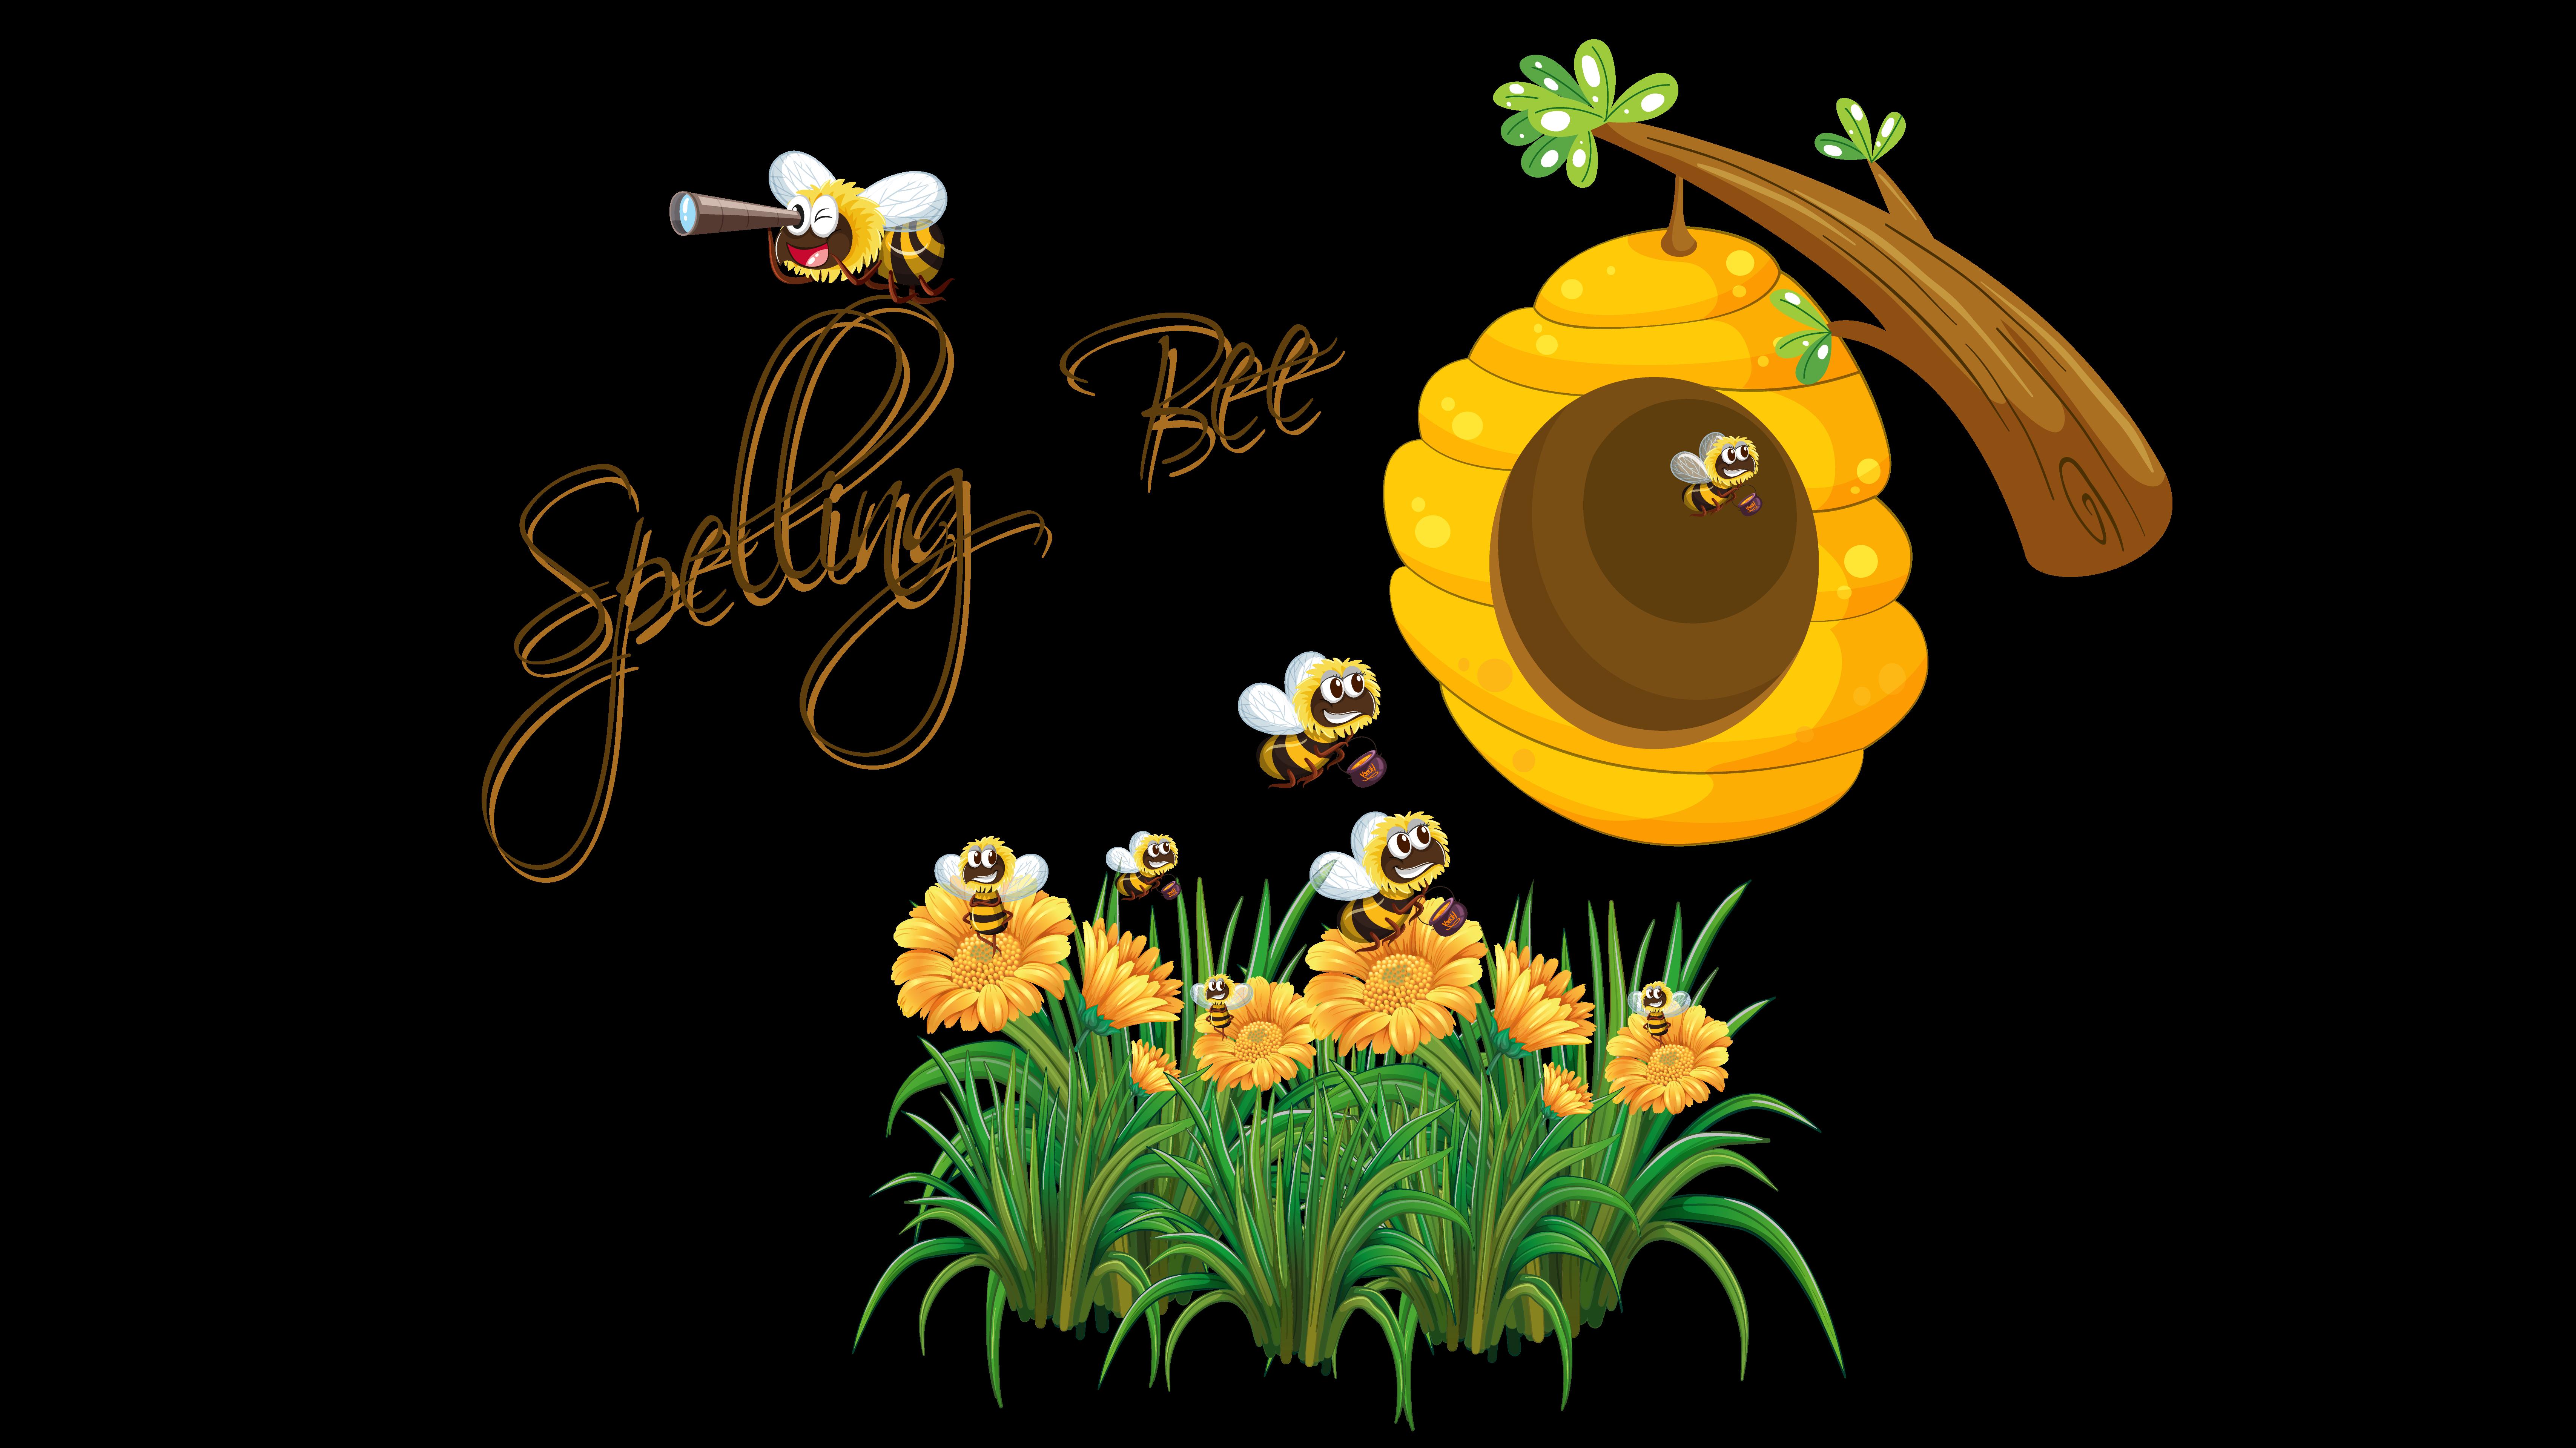 Spelling Bee SpellQuiz